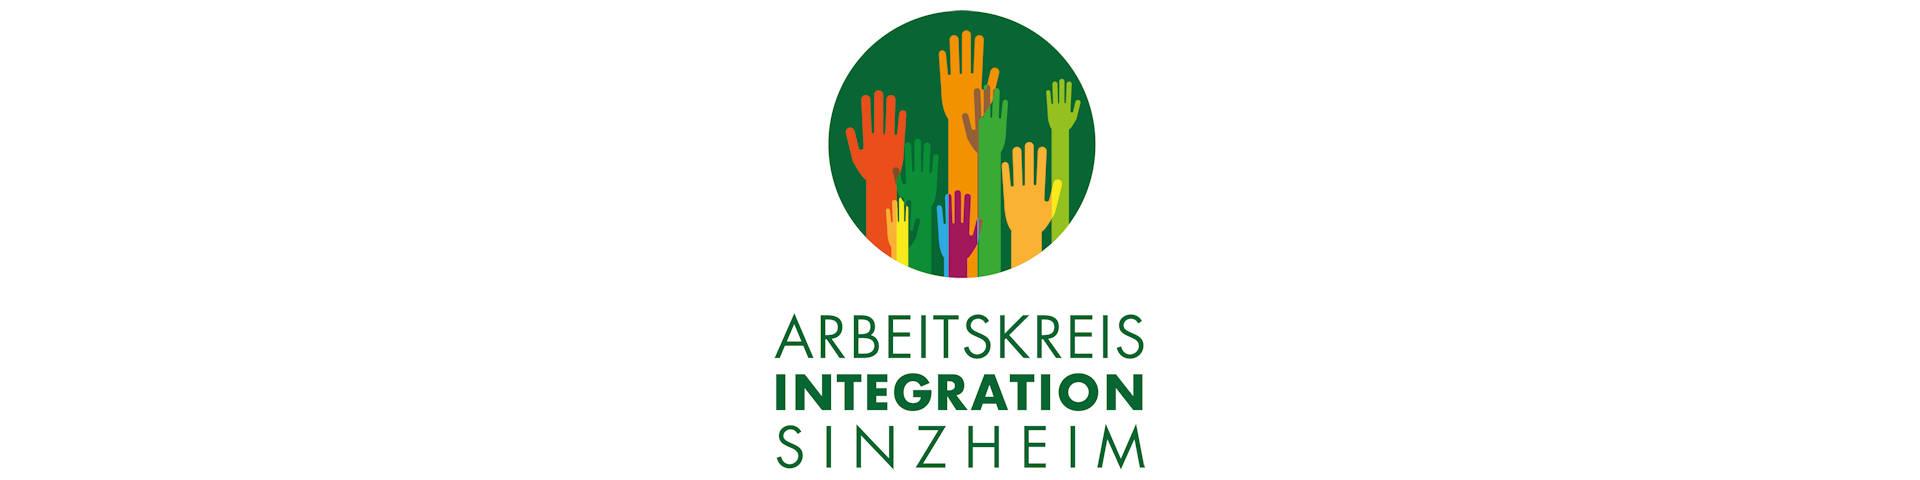 Arbeitskreis Integration Sinzheim